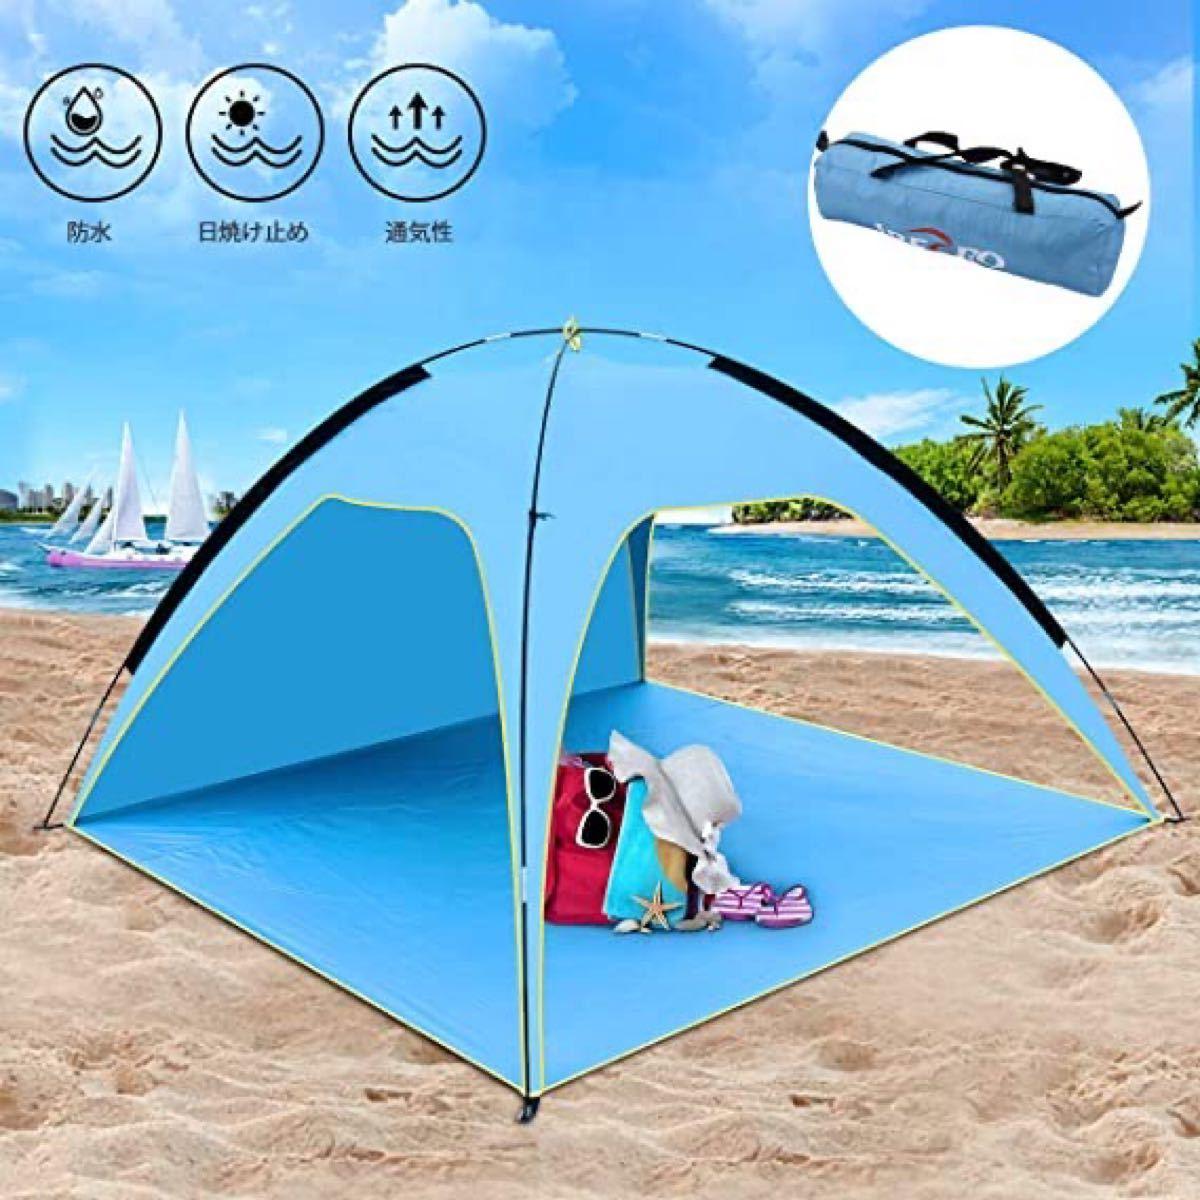 ビーチテント 新品 未使用 大型 家族 サンシェードテント UVカット 海 ビーチ テント アウトドア